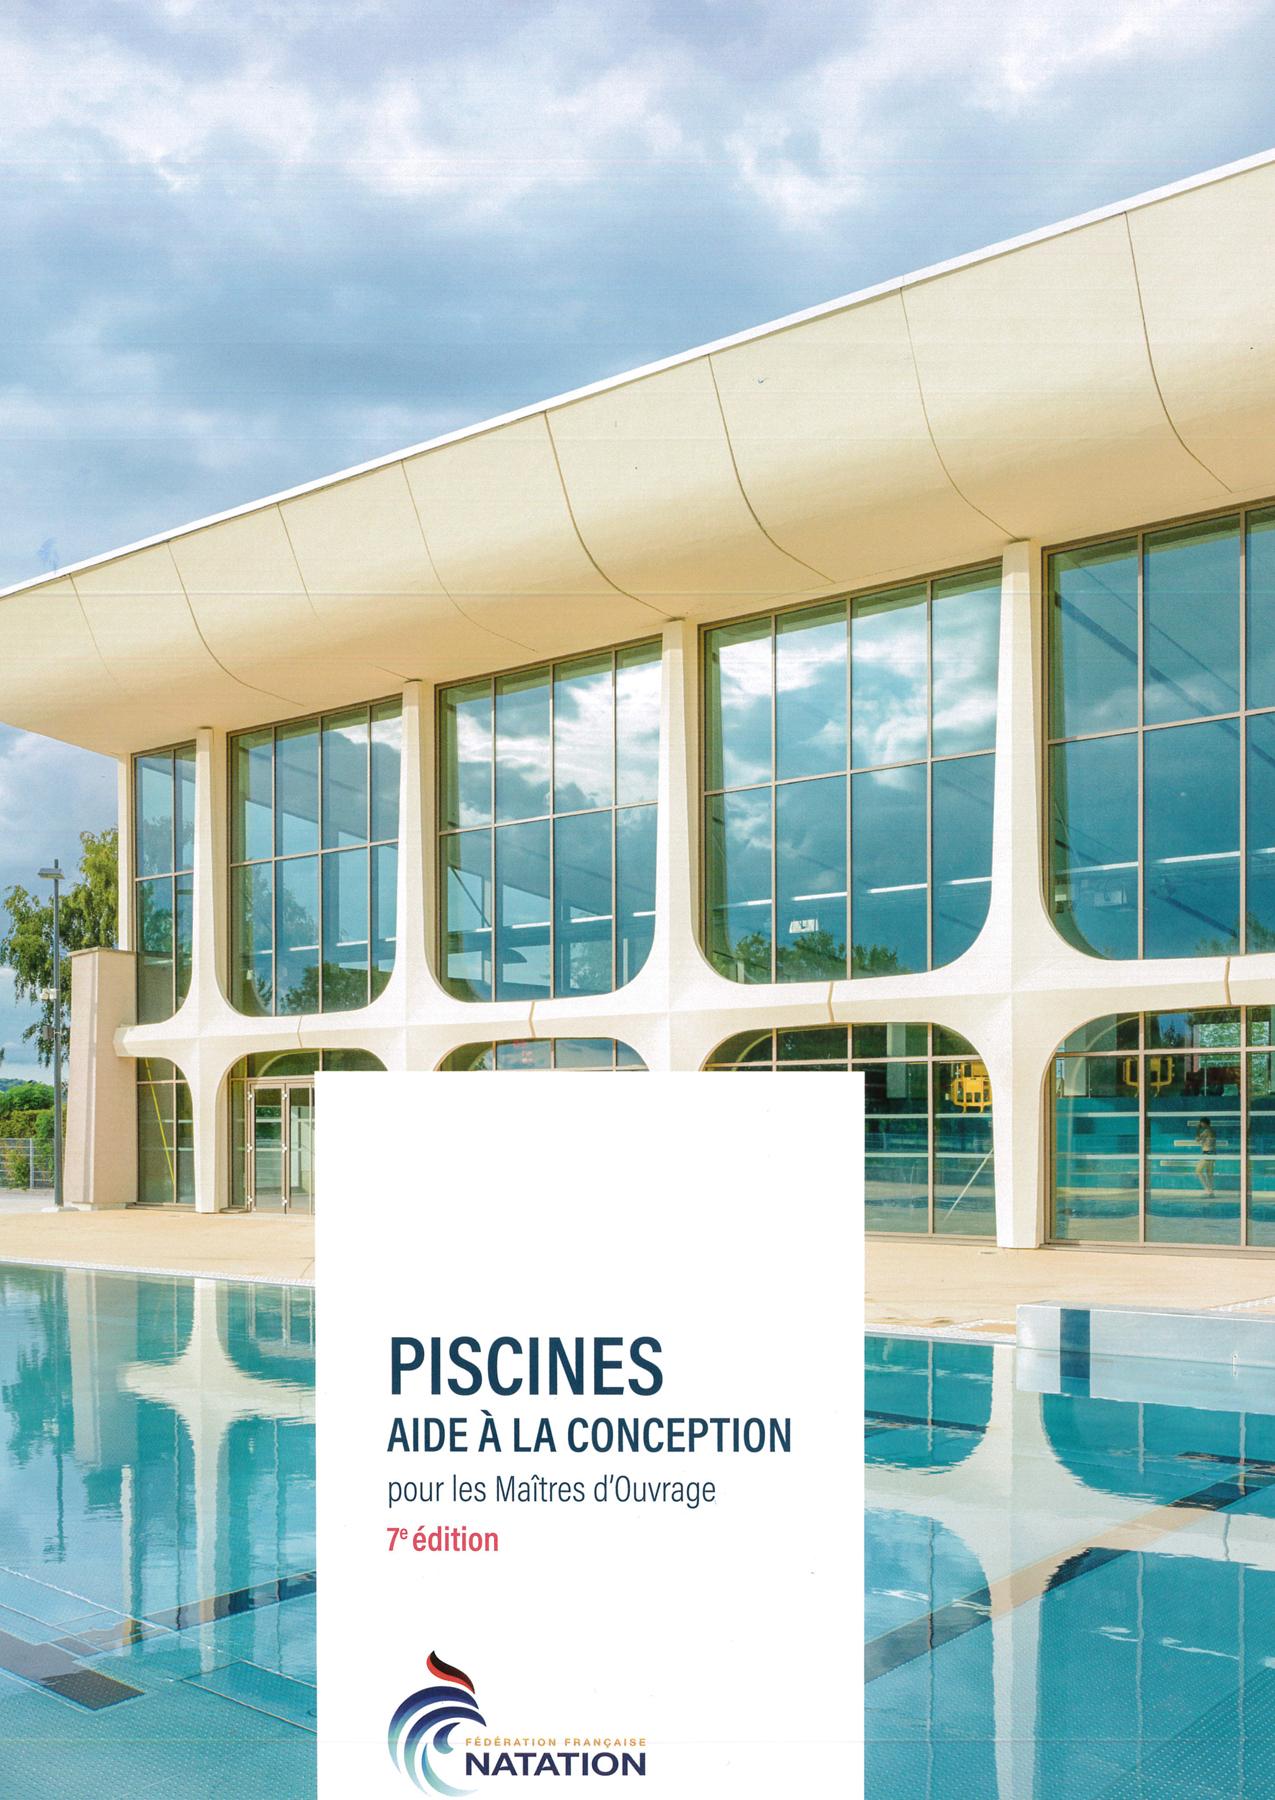 Piscines – Aide à La Conception Des Maîtres D'ouvrage,